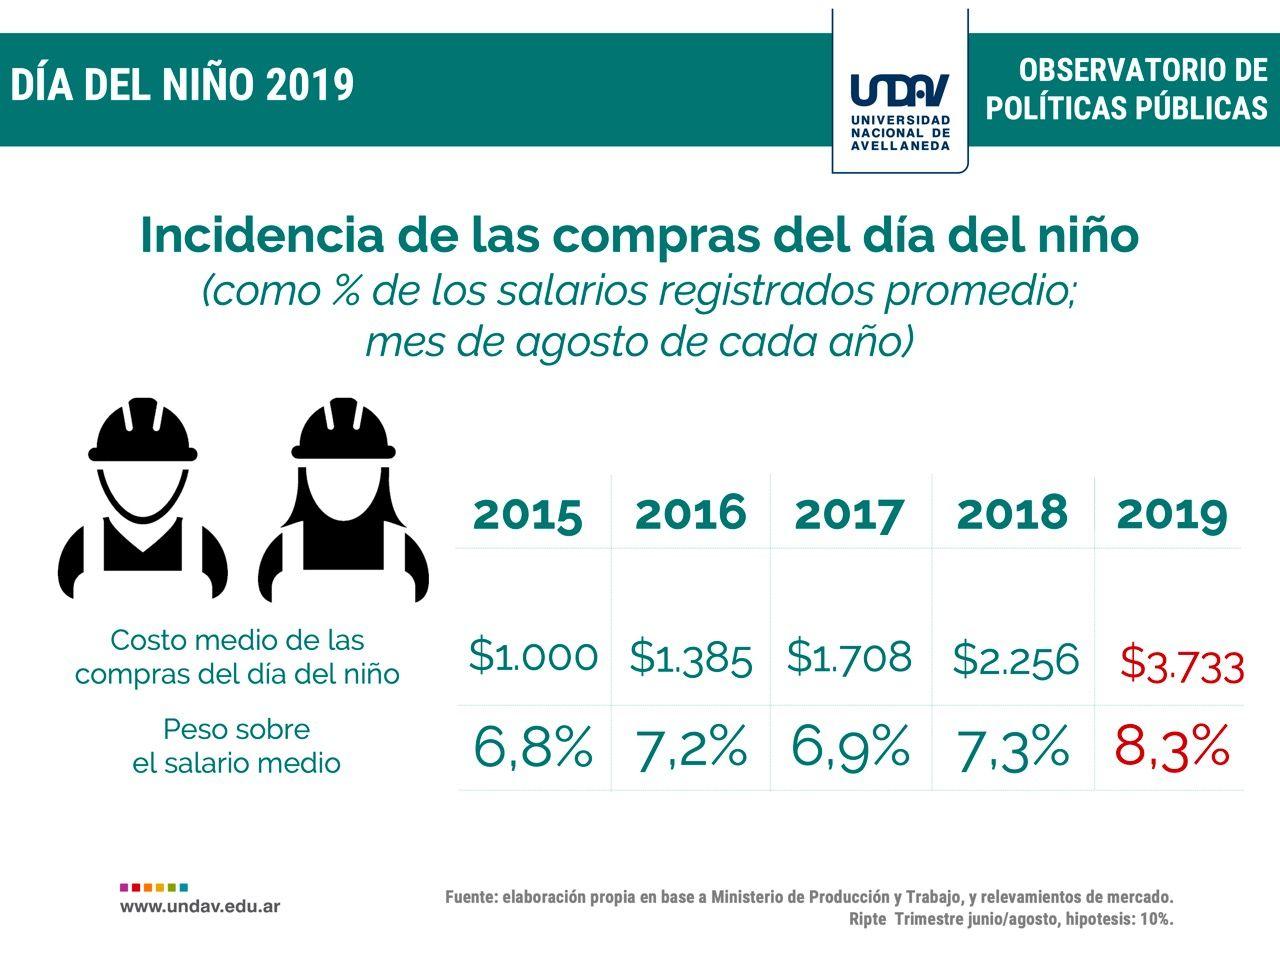 Día del Niño: los regalos para los chicos aumentaron hasta un 282 % en la era Macri